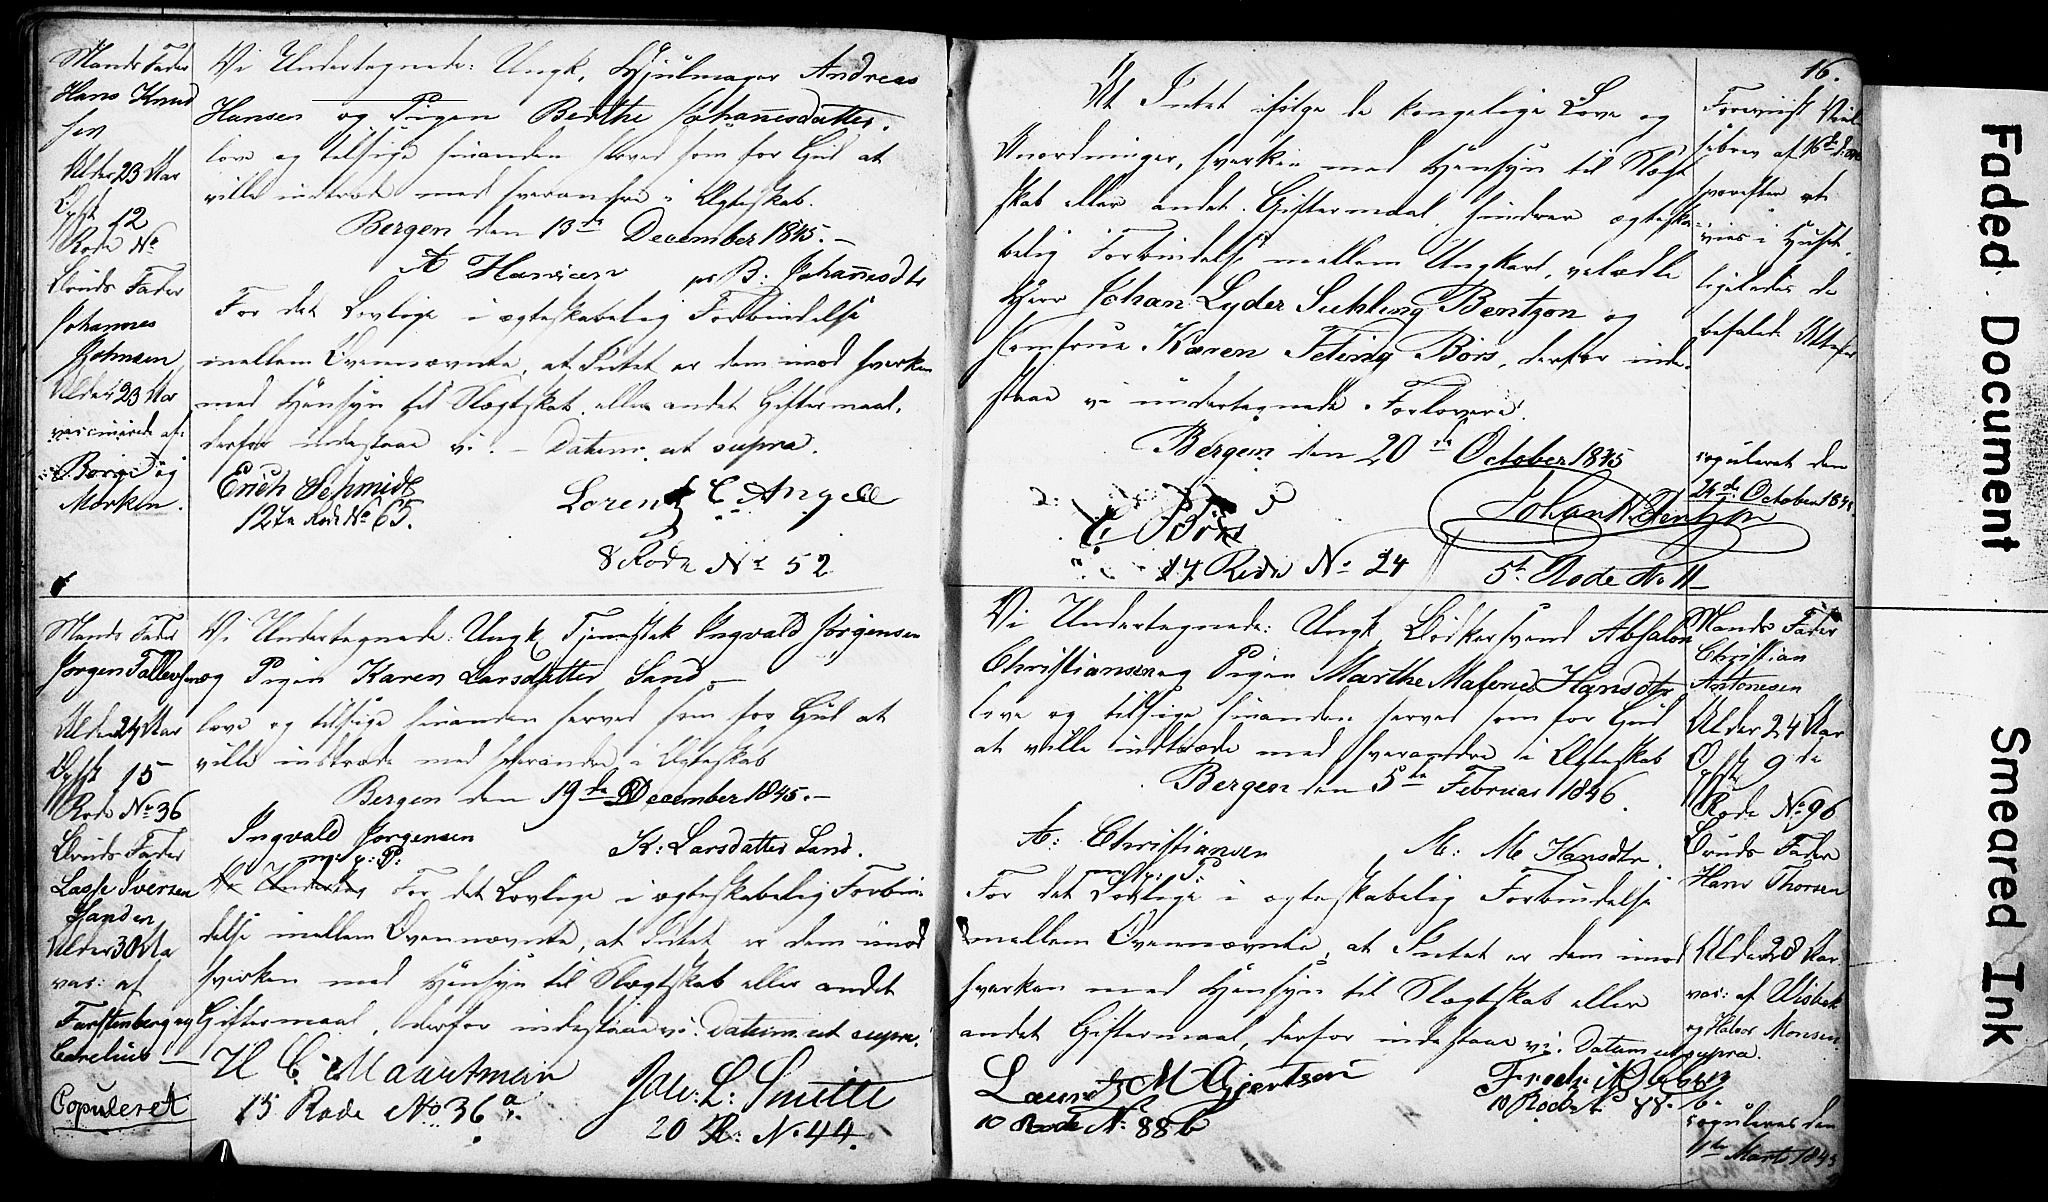 SAB, Domkirken Sokneprestembete, Forlovererklæringer nr. II.5.4, 1845-1852, s. 16